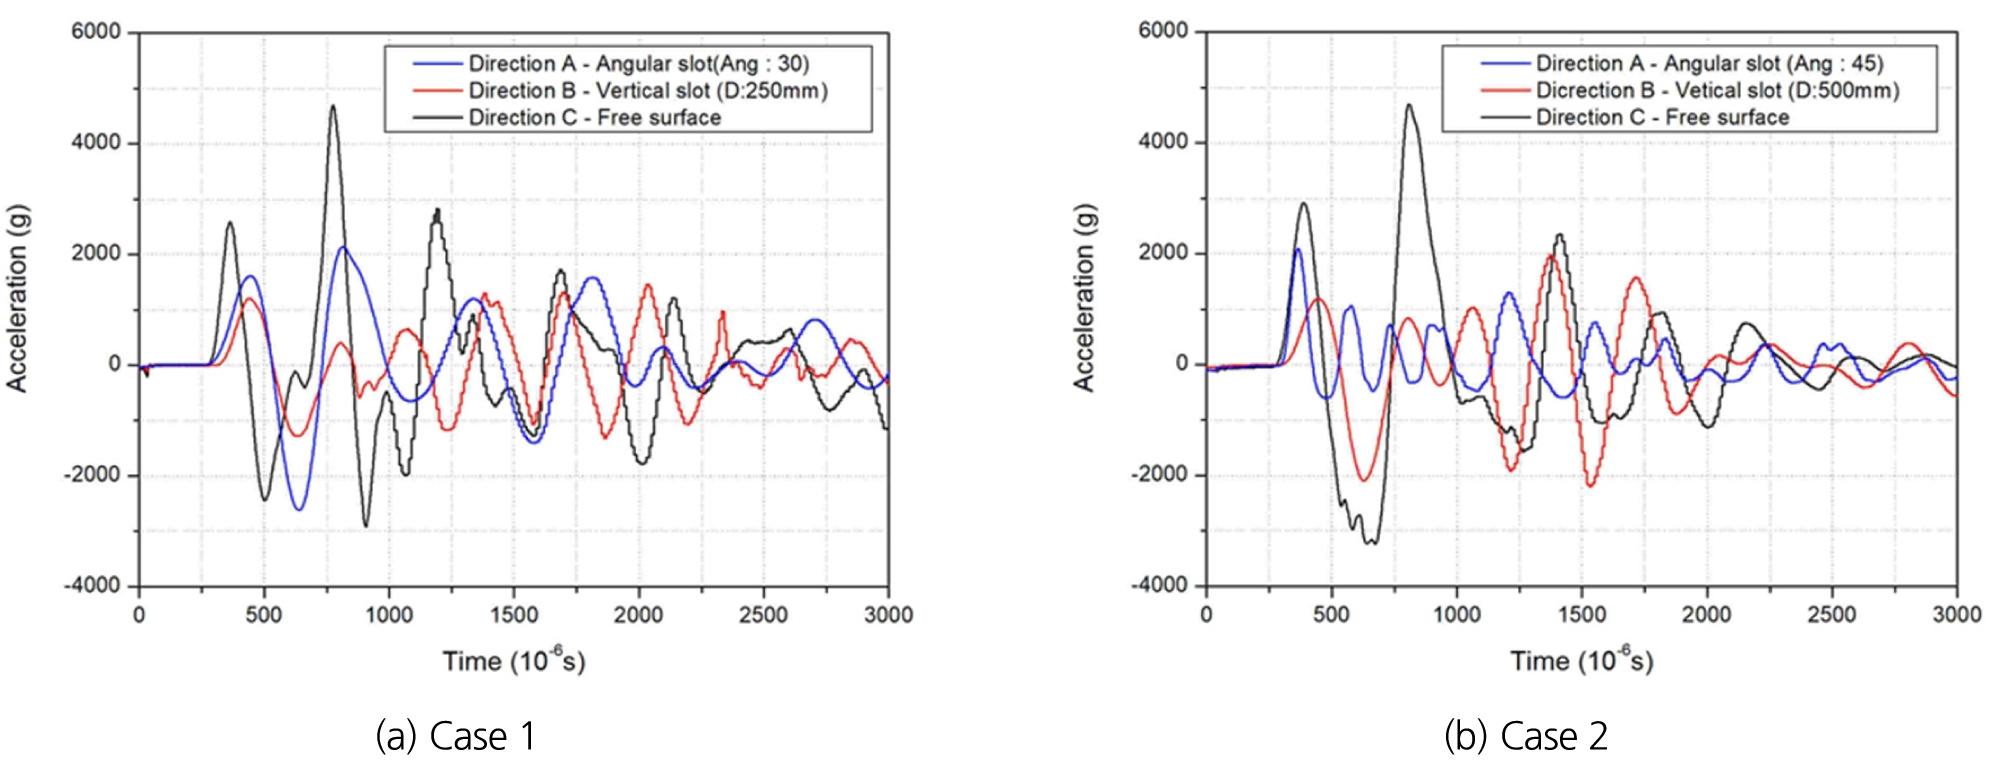 http://static.apub.kr/journalsite/sites/ksrm/2018-028-06/N0120280613/images/ksrm_28_06_13_F3.jpg